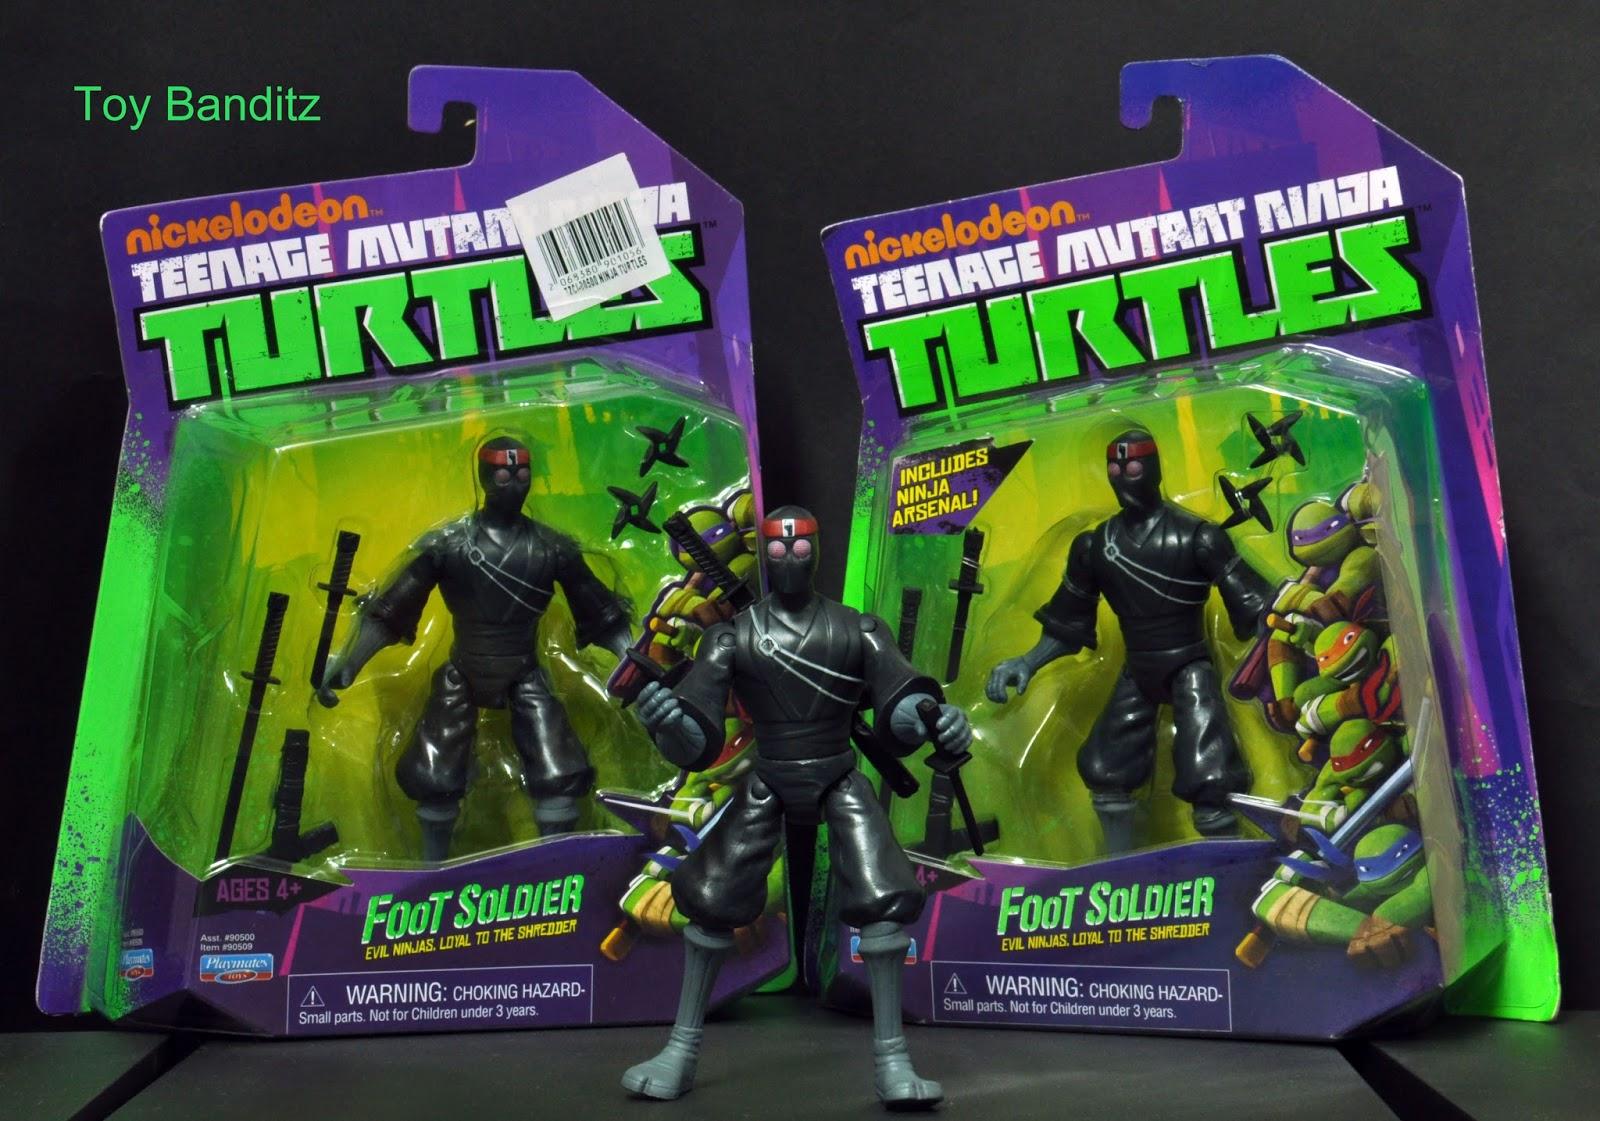 Teenage Mutant Ninja Turtles Shredder Toy : Toy banditz: nickelodeon teenage mutant ninja turtles foot soldier